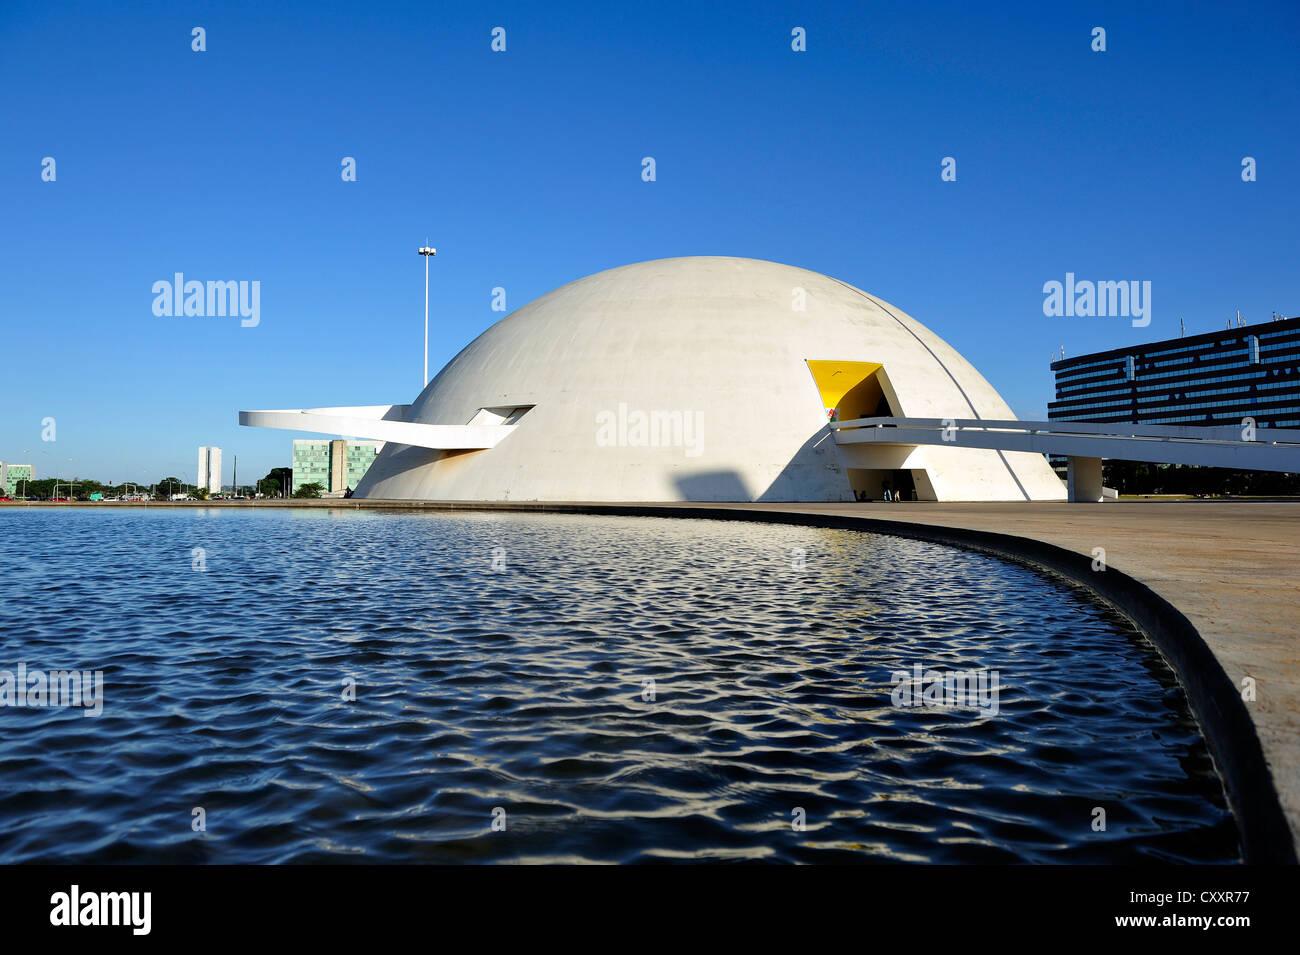 National Museum Museu Nacional Honestino Guimaraes, Architekt Oscar Niemeyer, Distrito Federal DF, Brasilia, Brasilien Stockbild